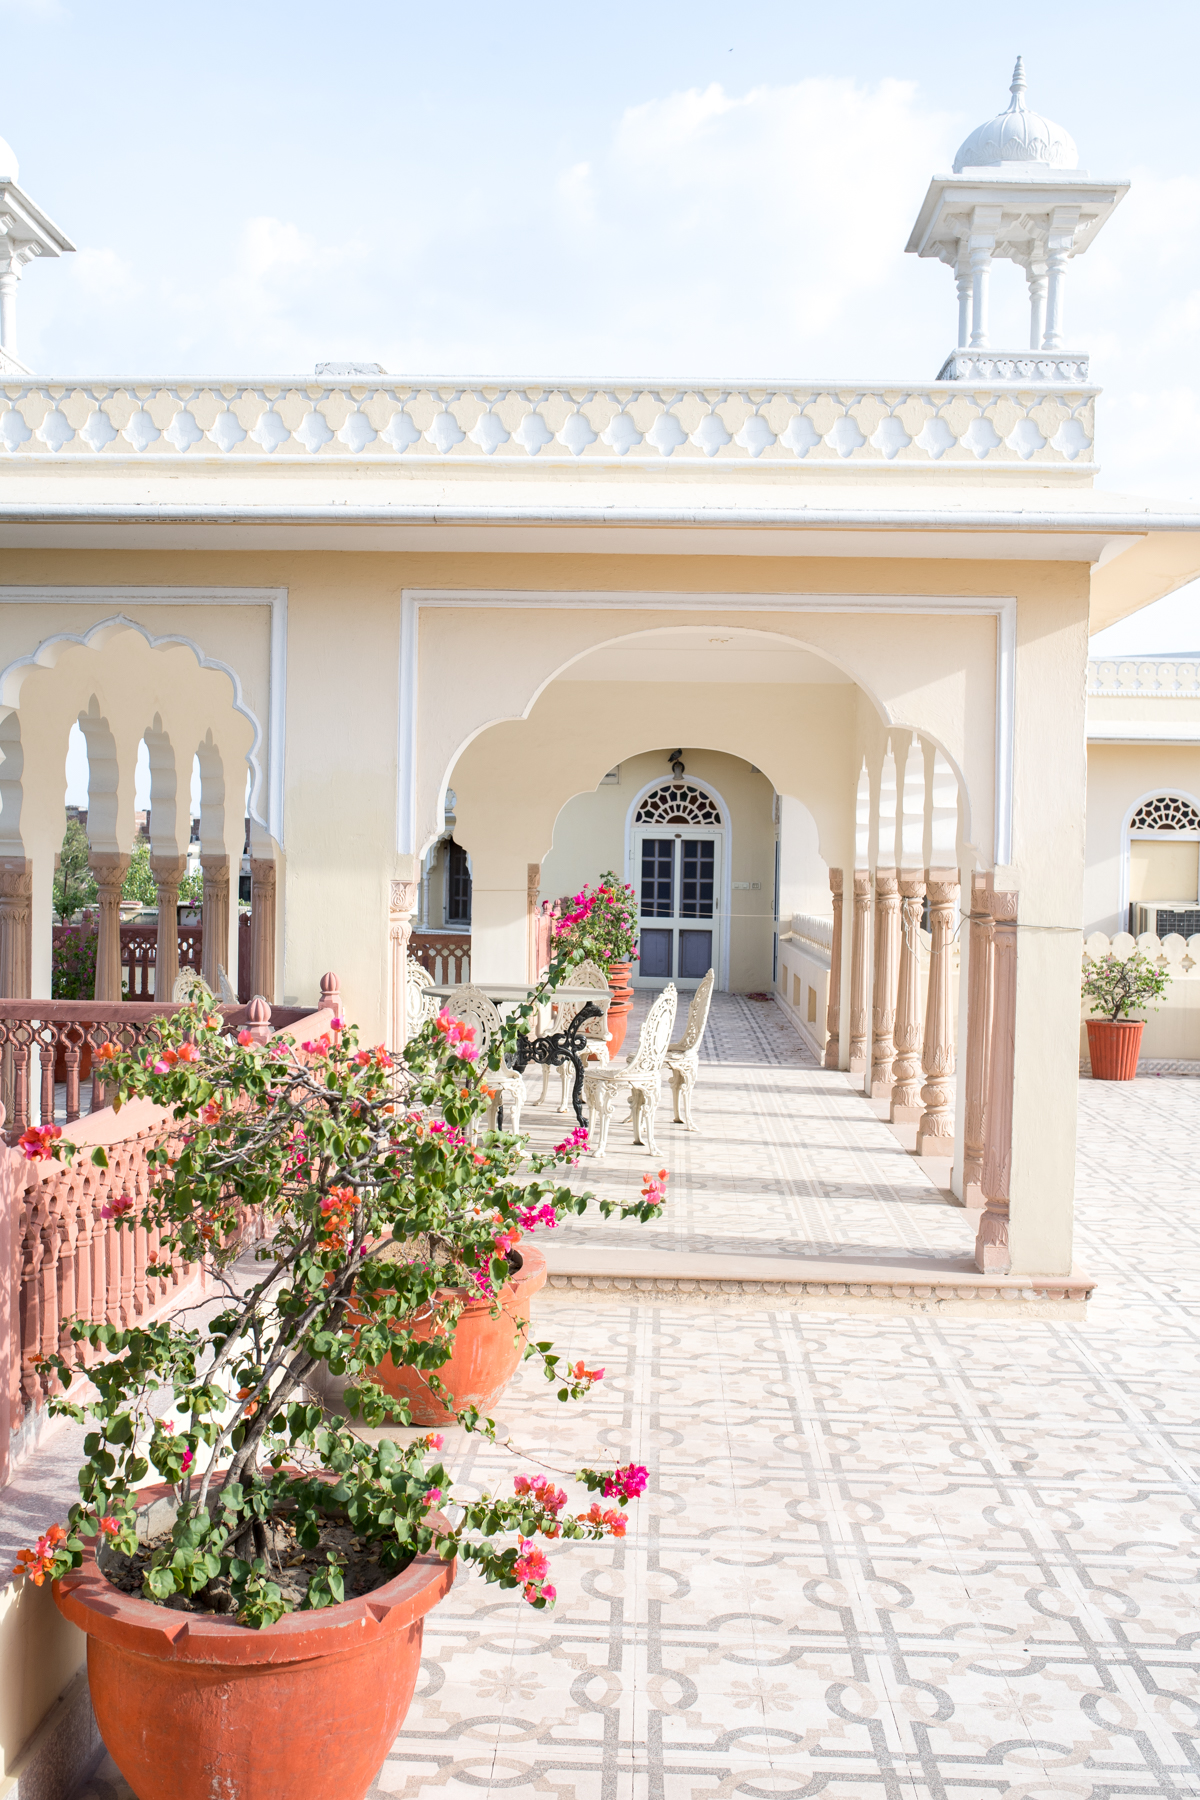 Stacie Flinner City Palace Jaipur 10 Best -37.jpg